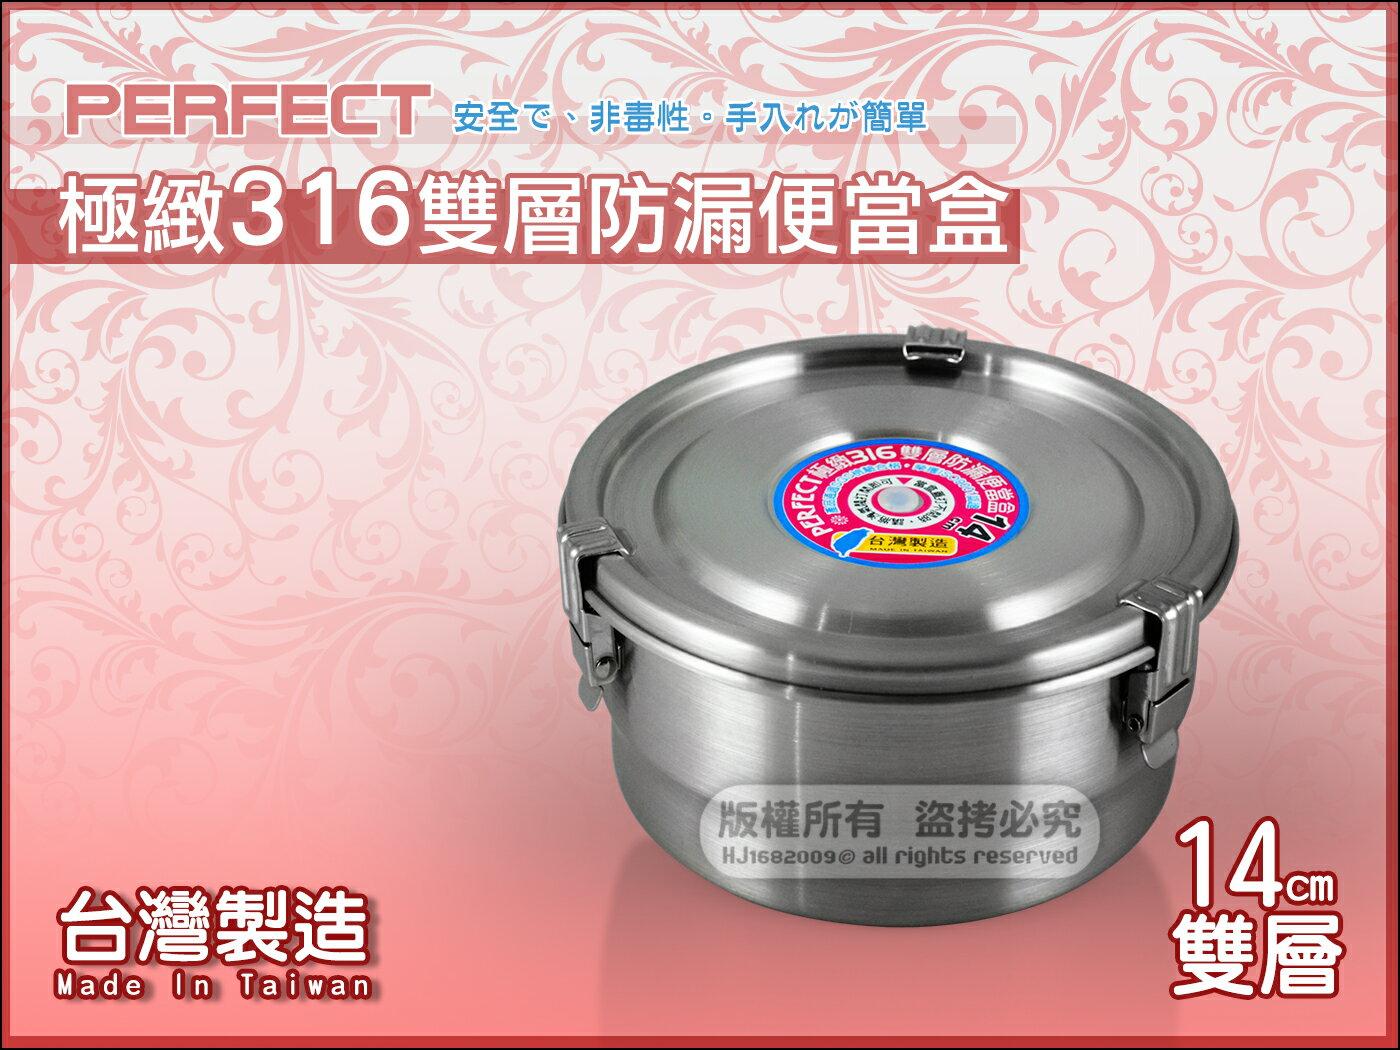 快樂屋♪ PERFECT 1118 極緻316不鏽鋼 雙層【附菜盤 防漏便當盒】 14cm 台灣製